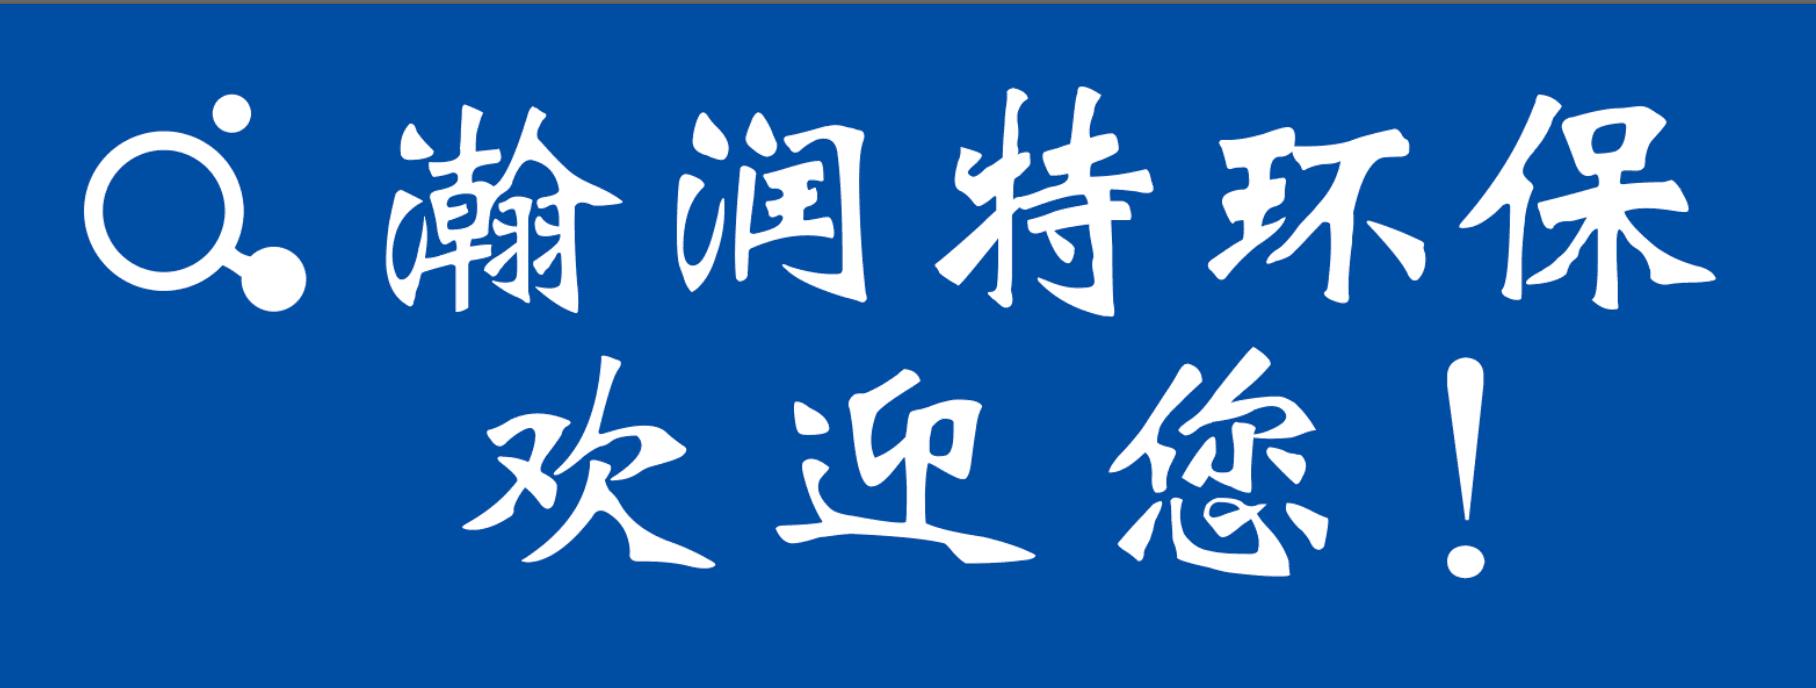 瀚润特环保设备(江苏)有限公司